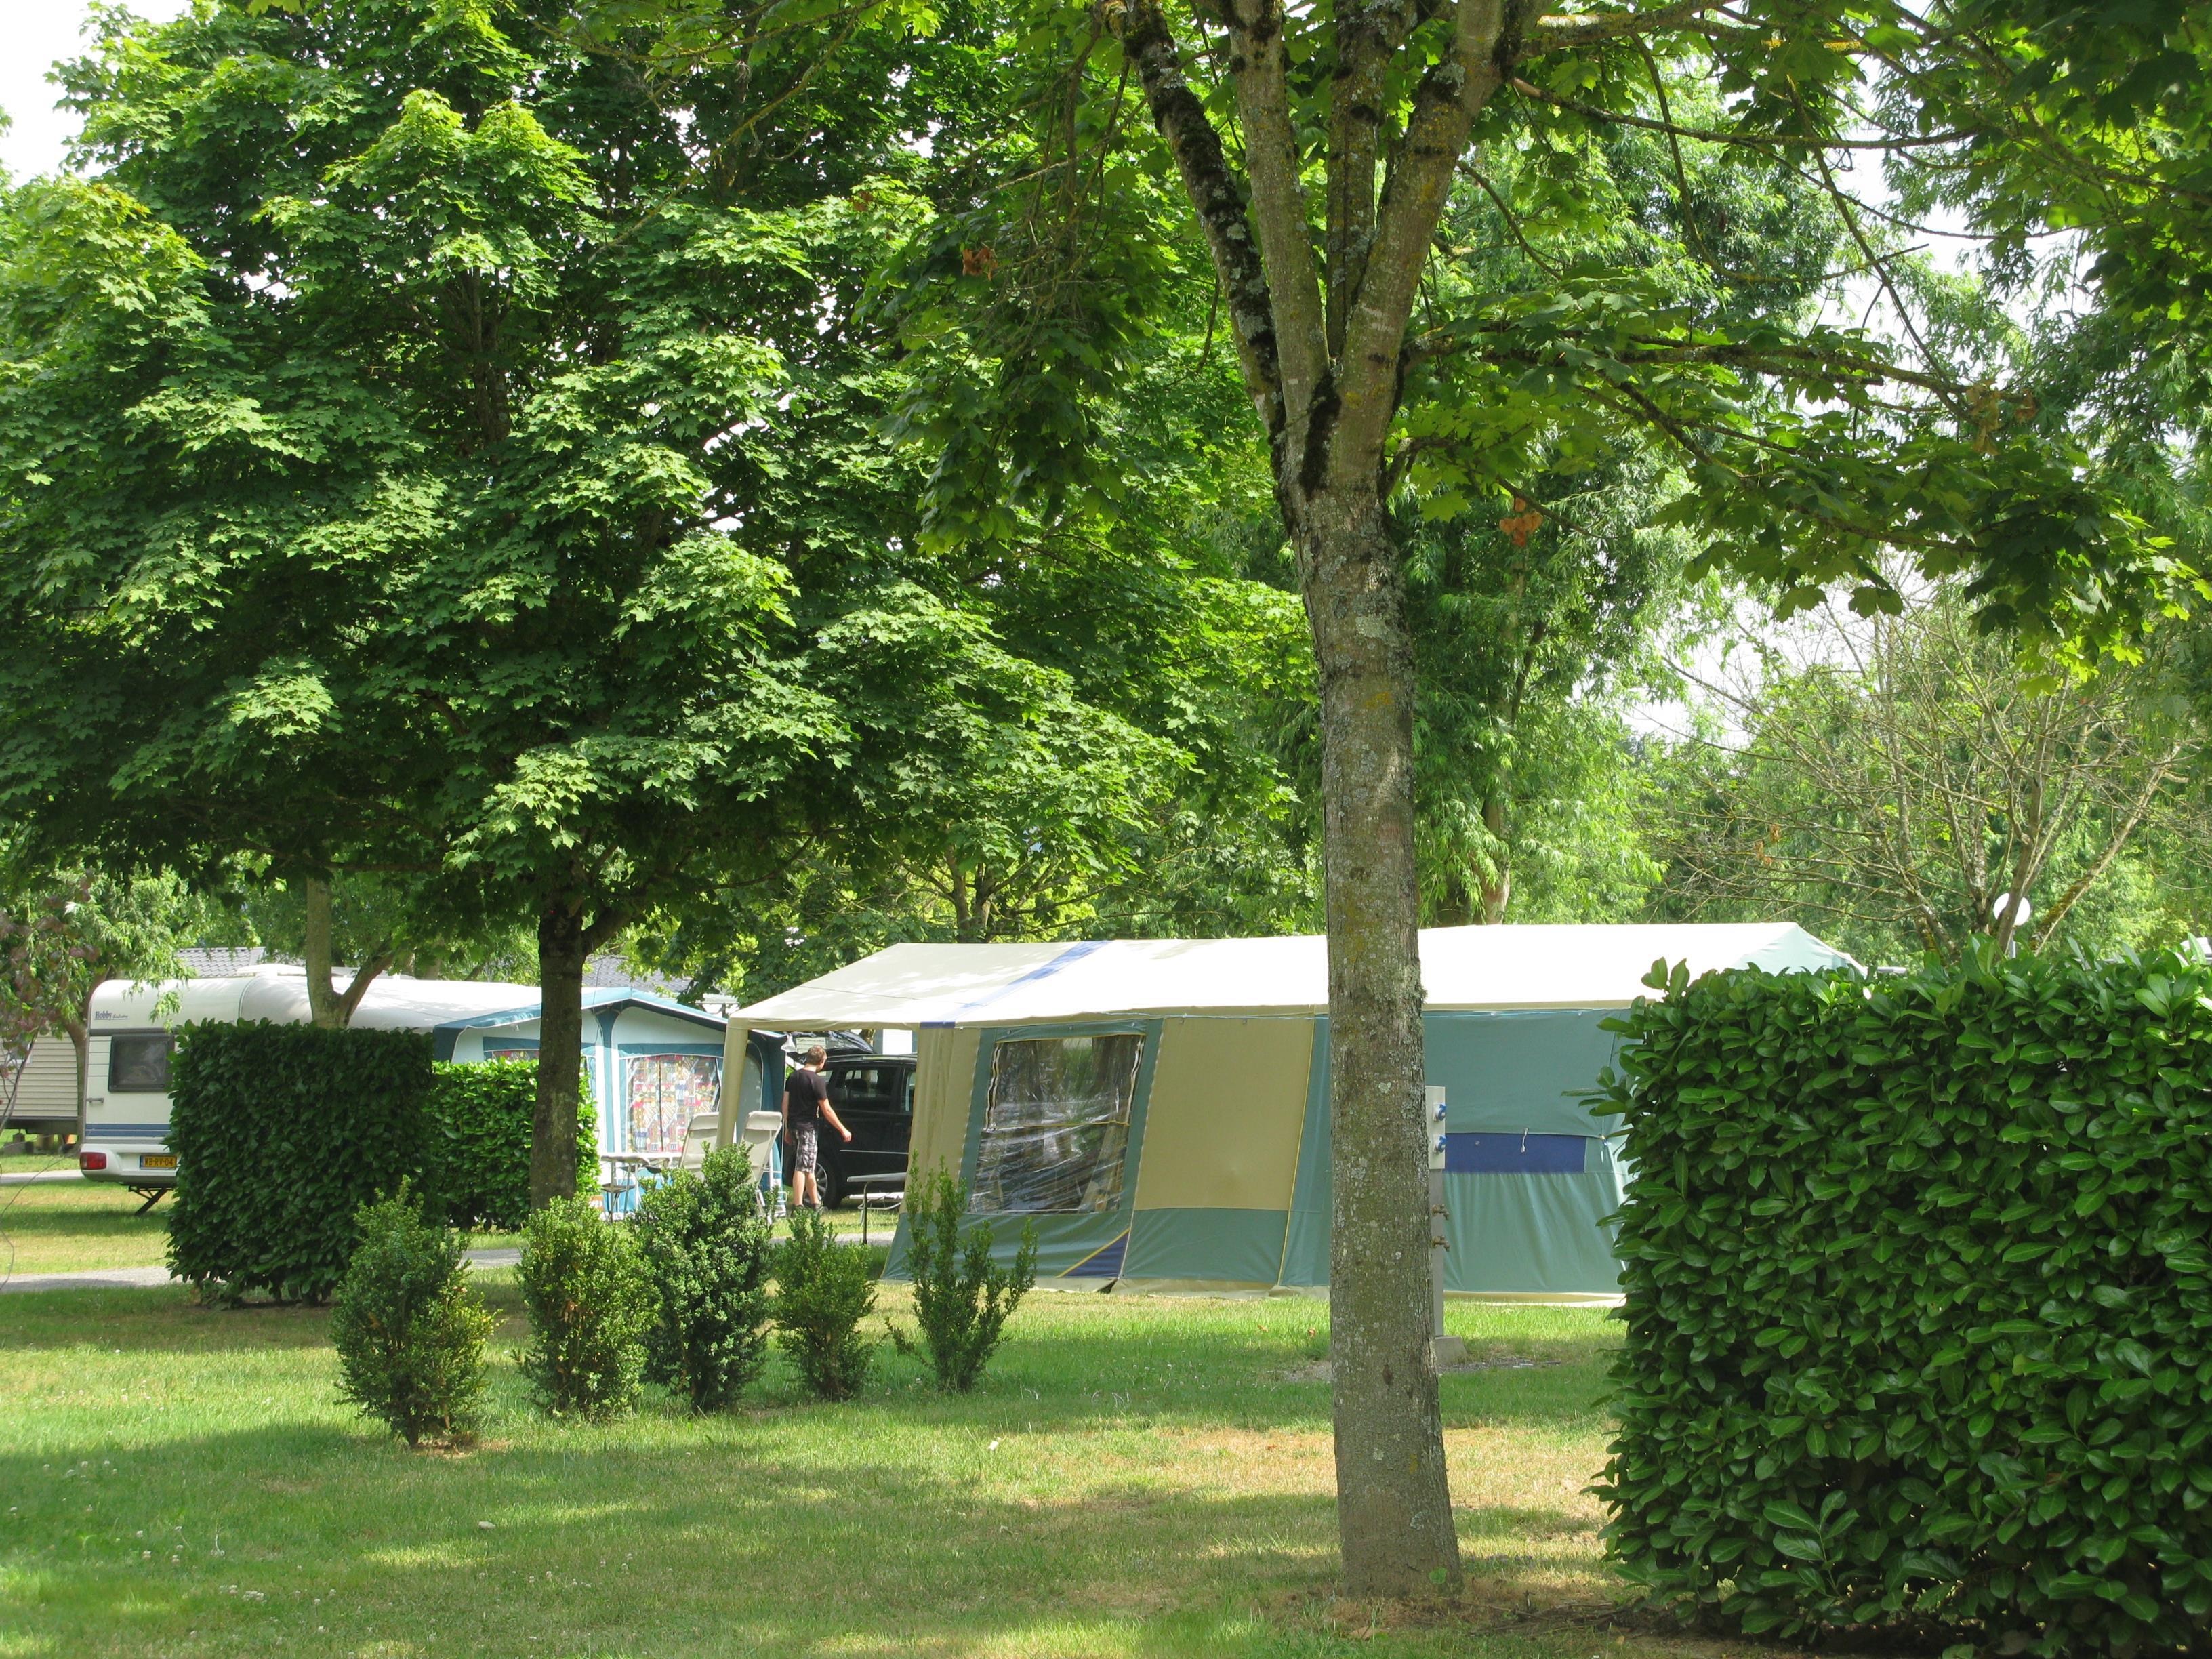 Emplacement - Emplacement Sans Électricité - Sunêlia Camping Les 3 Vallées